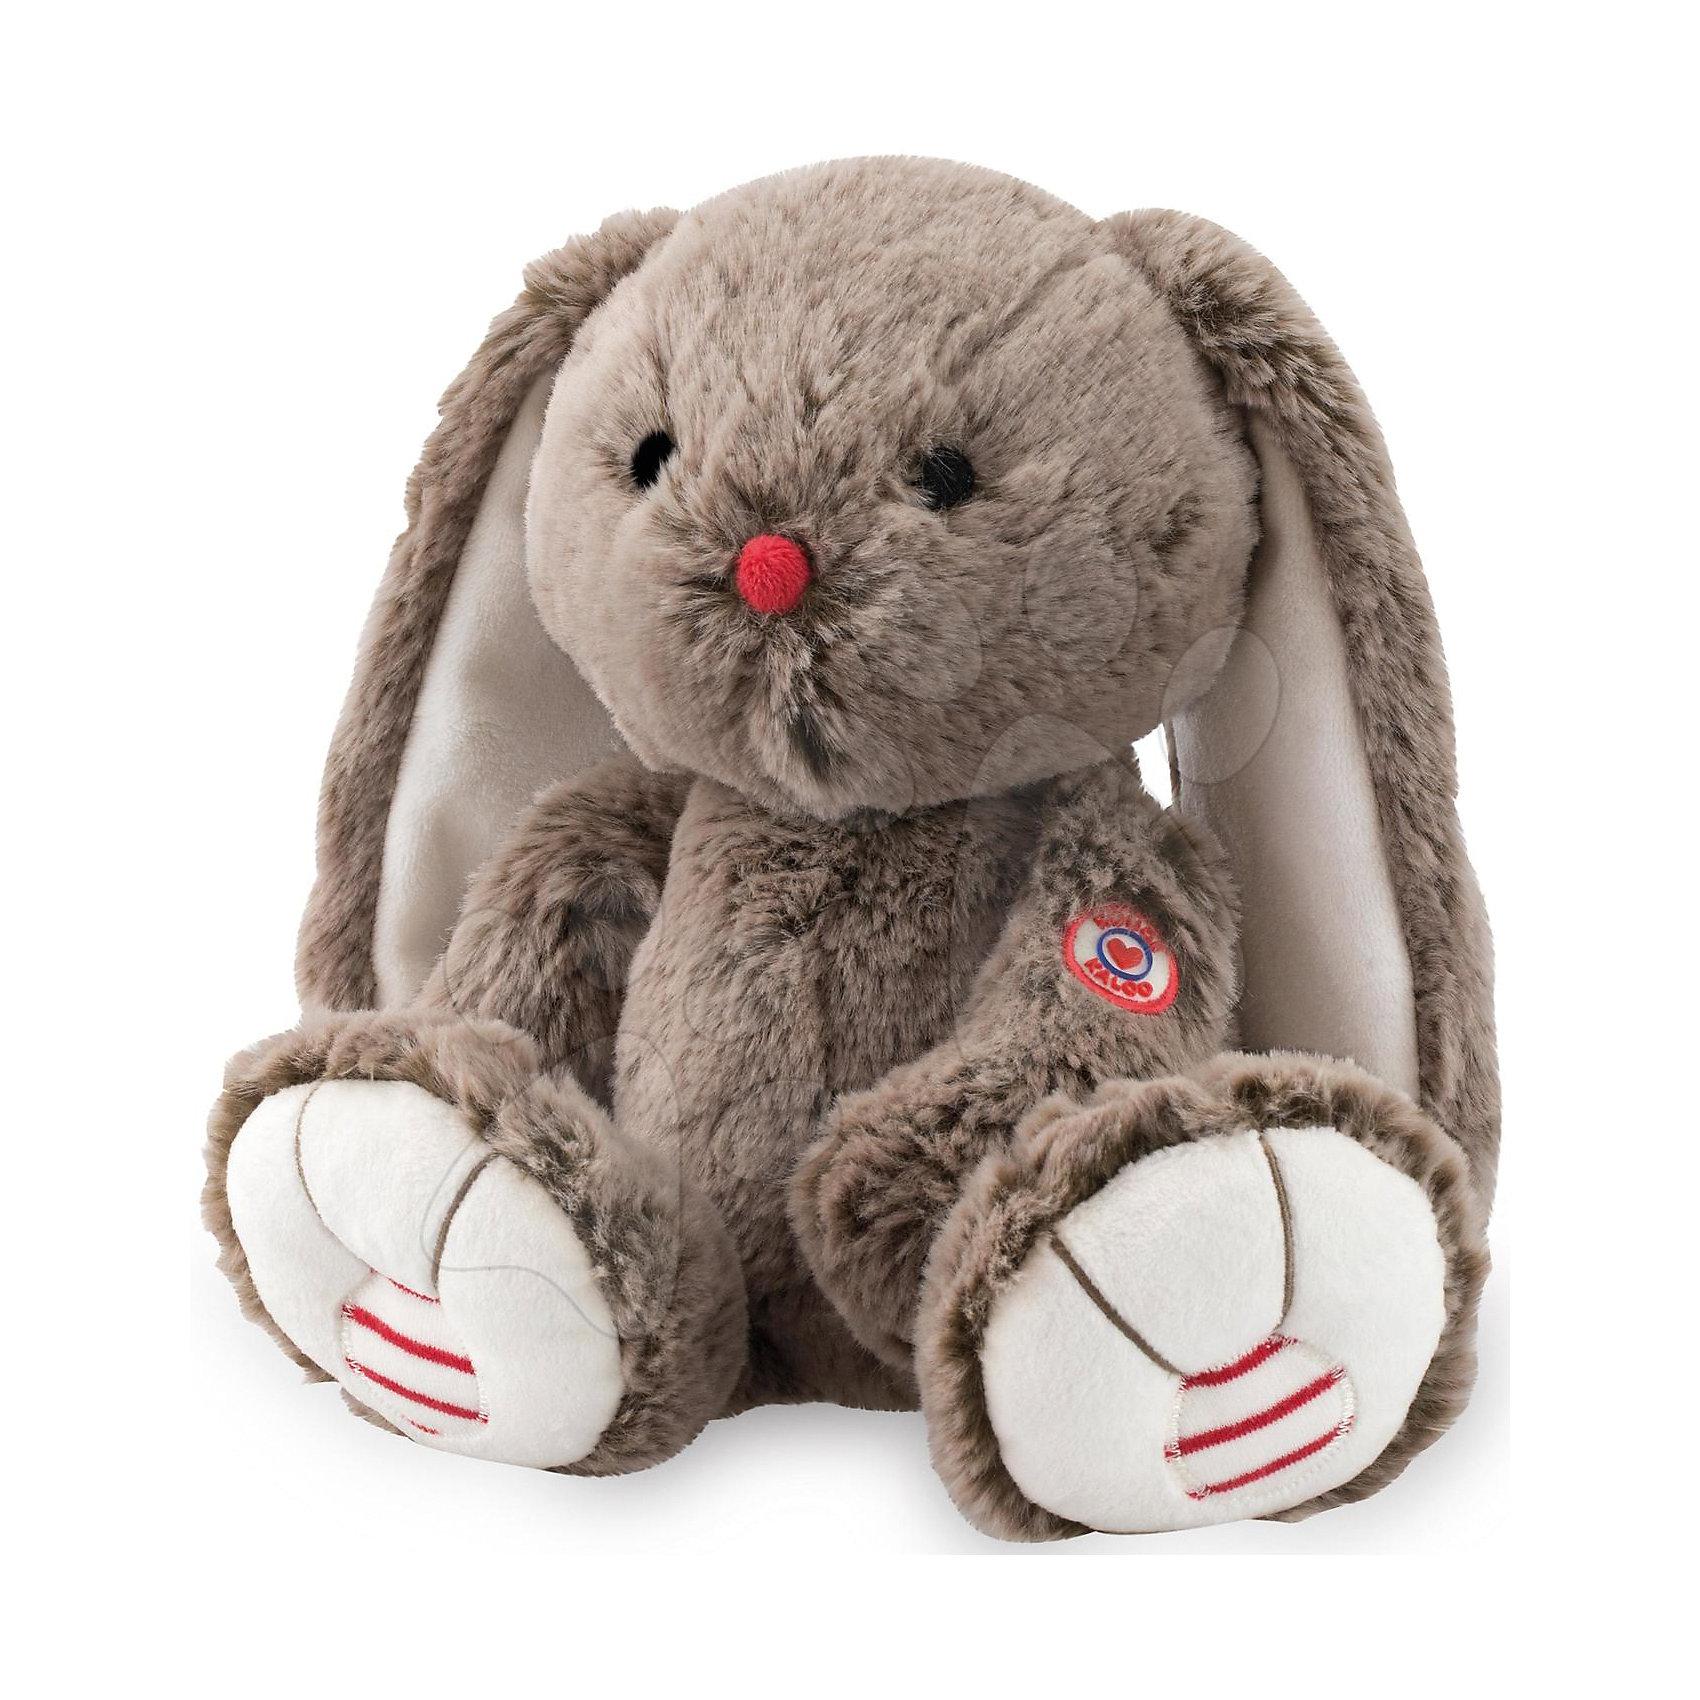 Мягкая игрушка Заяц средний шоколадный, коллекция Руж, KalooЗайцы и кролики<br>Кролик из коллекции Руж – это очаровательная игрушка с длинными ушками, выполнена в шоколадных тонах, носик красного цвета, а лапки украшены красно-белыми вставками. <br>Мягкие игрушки действуют позитивно на детей, обучая их ласке и доброте, улучшают настроение ребенка.<br><br>Дополнительная информация:<br><br>-Материал: ткань, искусственный мех<br>-Высота игрушки: 31 см<br><br>Среднего шоколадного Зайца, коллекции Руж, Kalooo можно купить в нашем интернет-магазине.<br><br>Ширина мм: 105<br>Глубина мм: 120<br>Высота мм: 290<br>Вес г: 400<br>Возраст от месяцев: 0<br>Возраст до месяцев: 1188<br>Пол: Унисекс<br>Возраст: Детский<br>SKU: 4862341